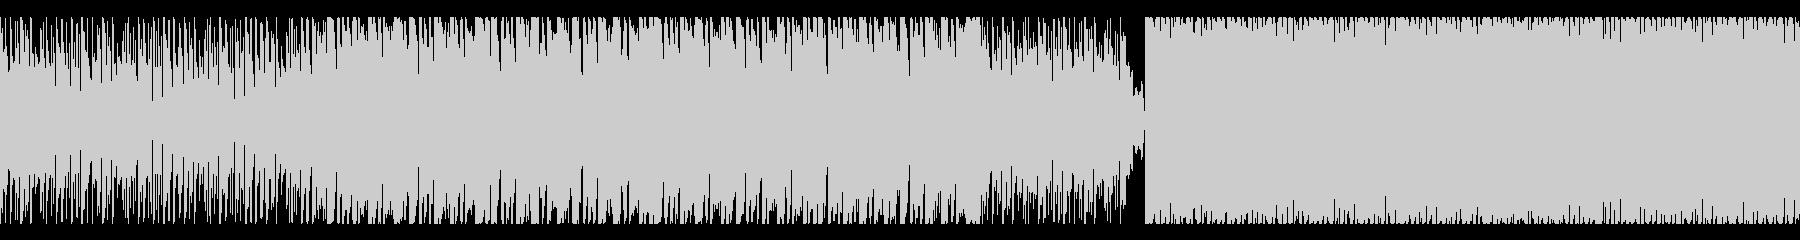 高速の電子空間戦闘曲【1分ループ曲】の未再生の波形